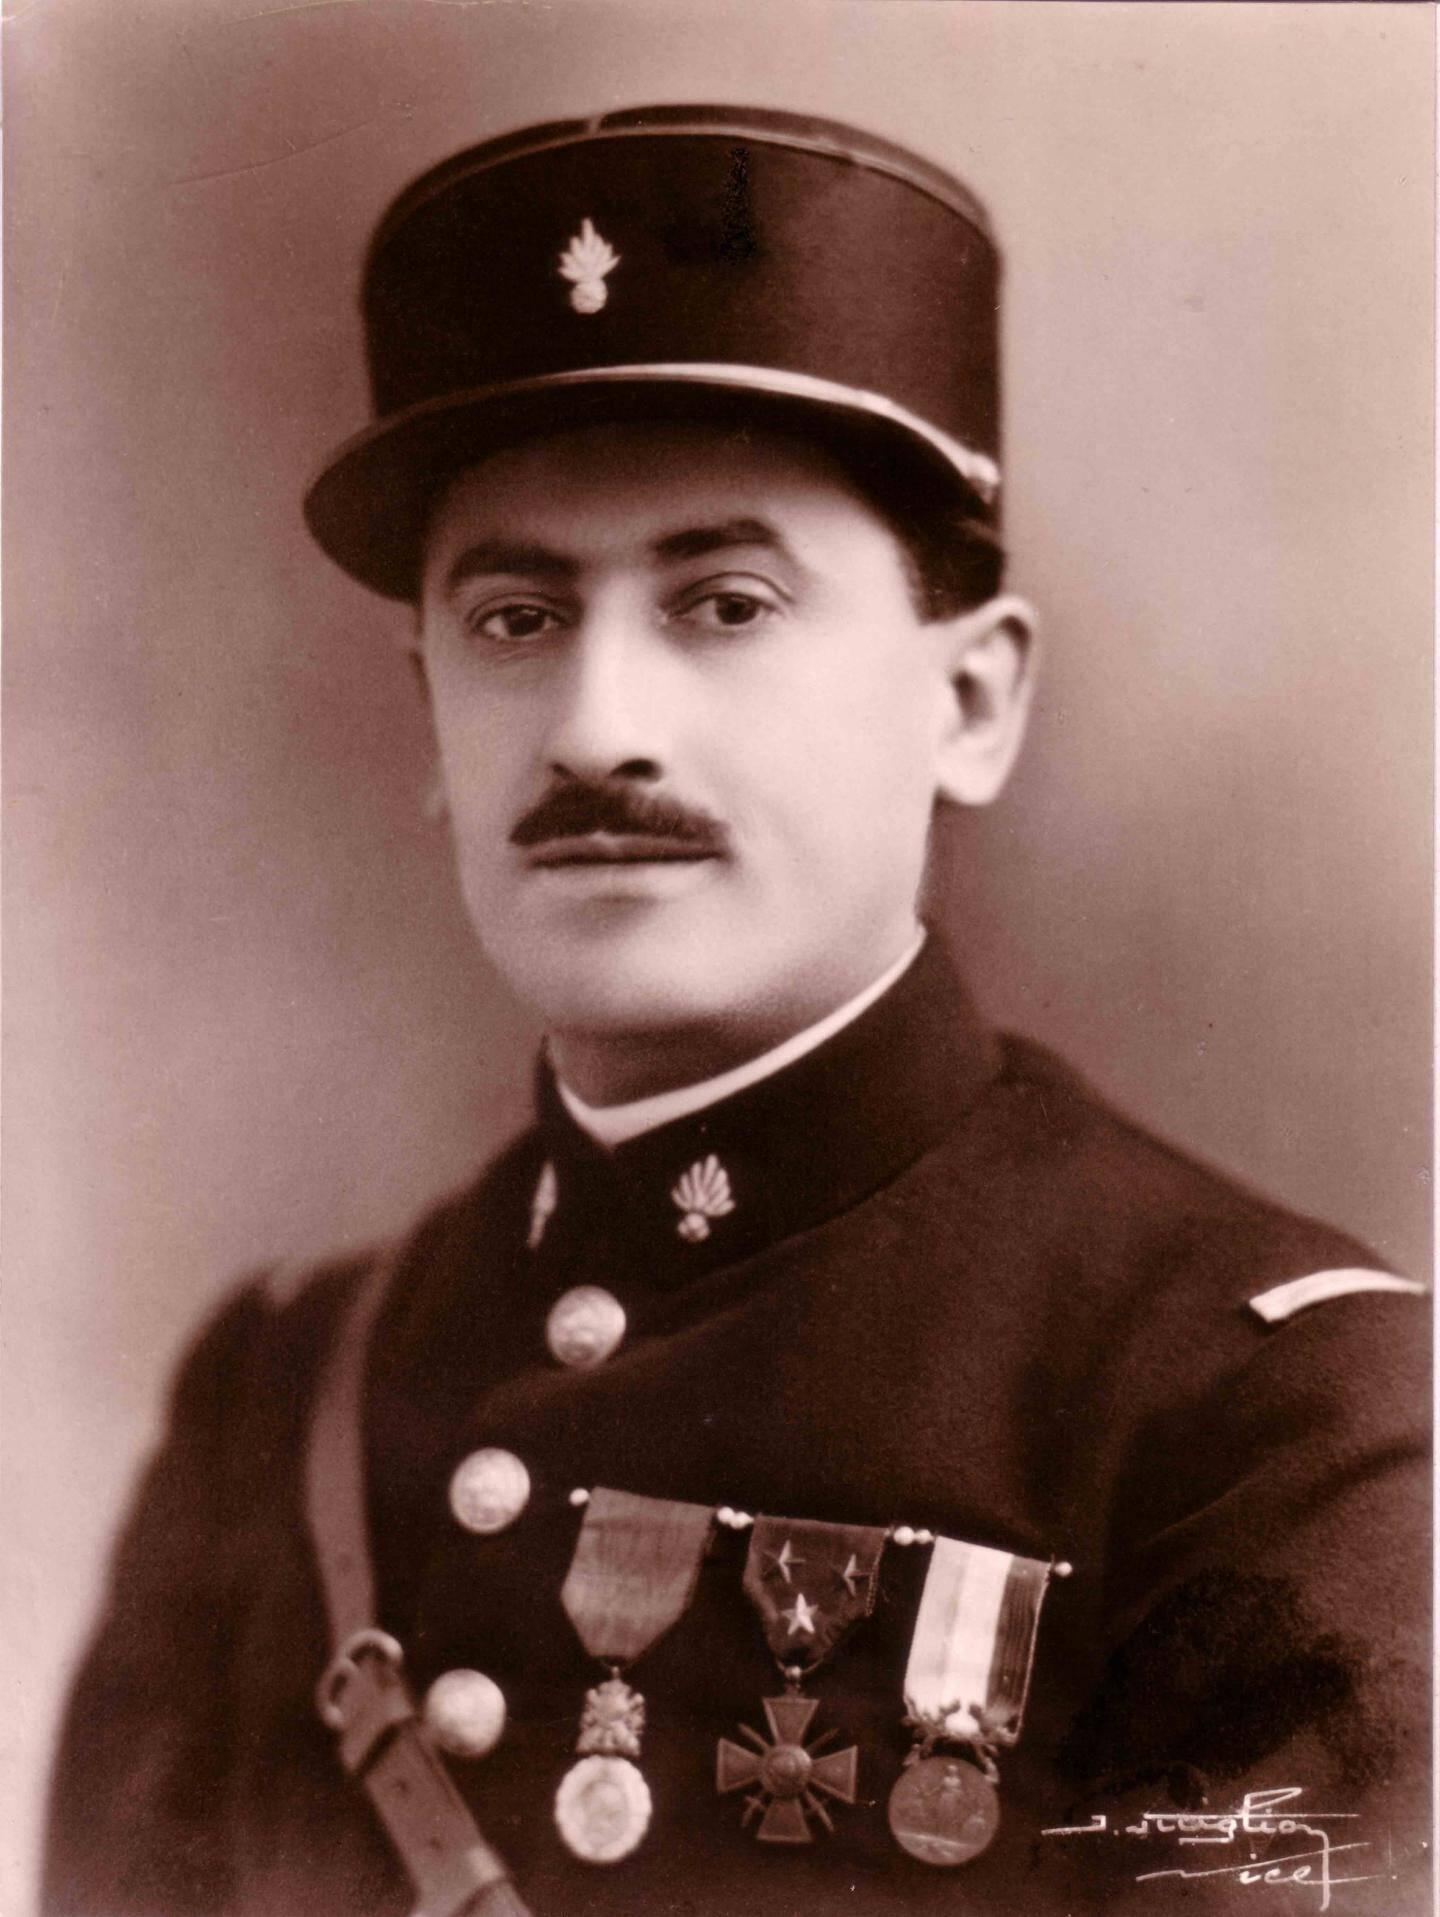 Le frère du poilu niçois Pierre-François Fornaresio entré dans les pompiers en 1919 par loyauté pour son frère mort en 14-18.